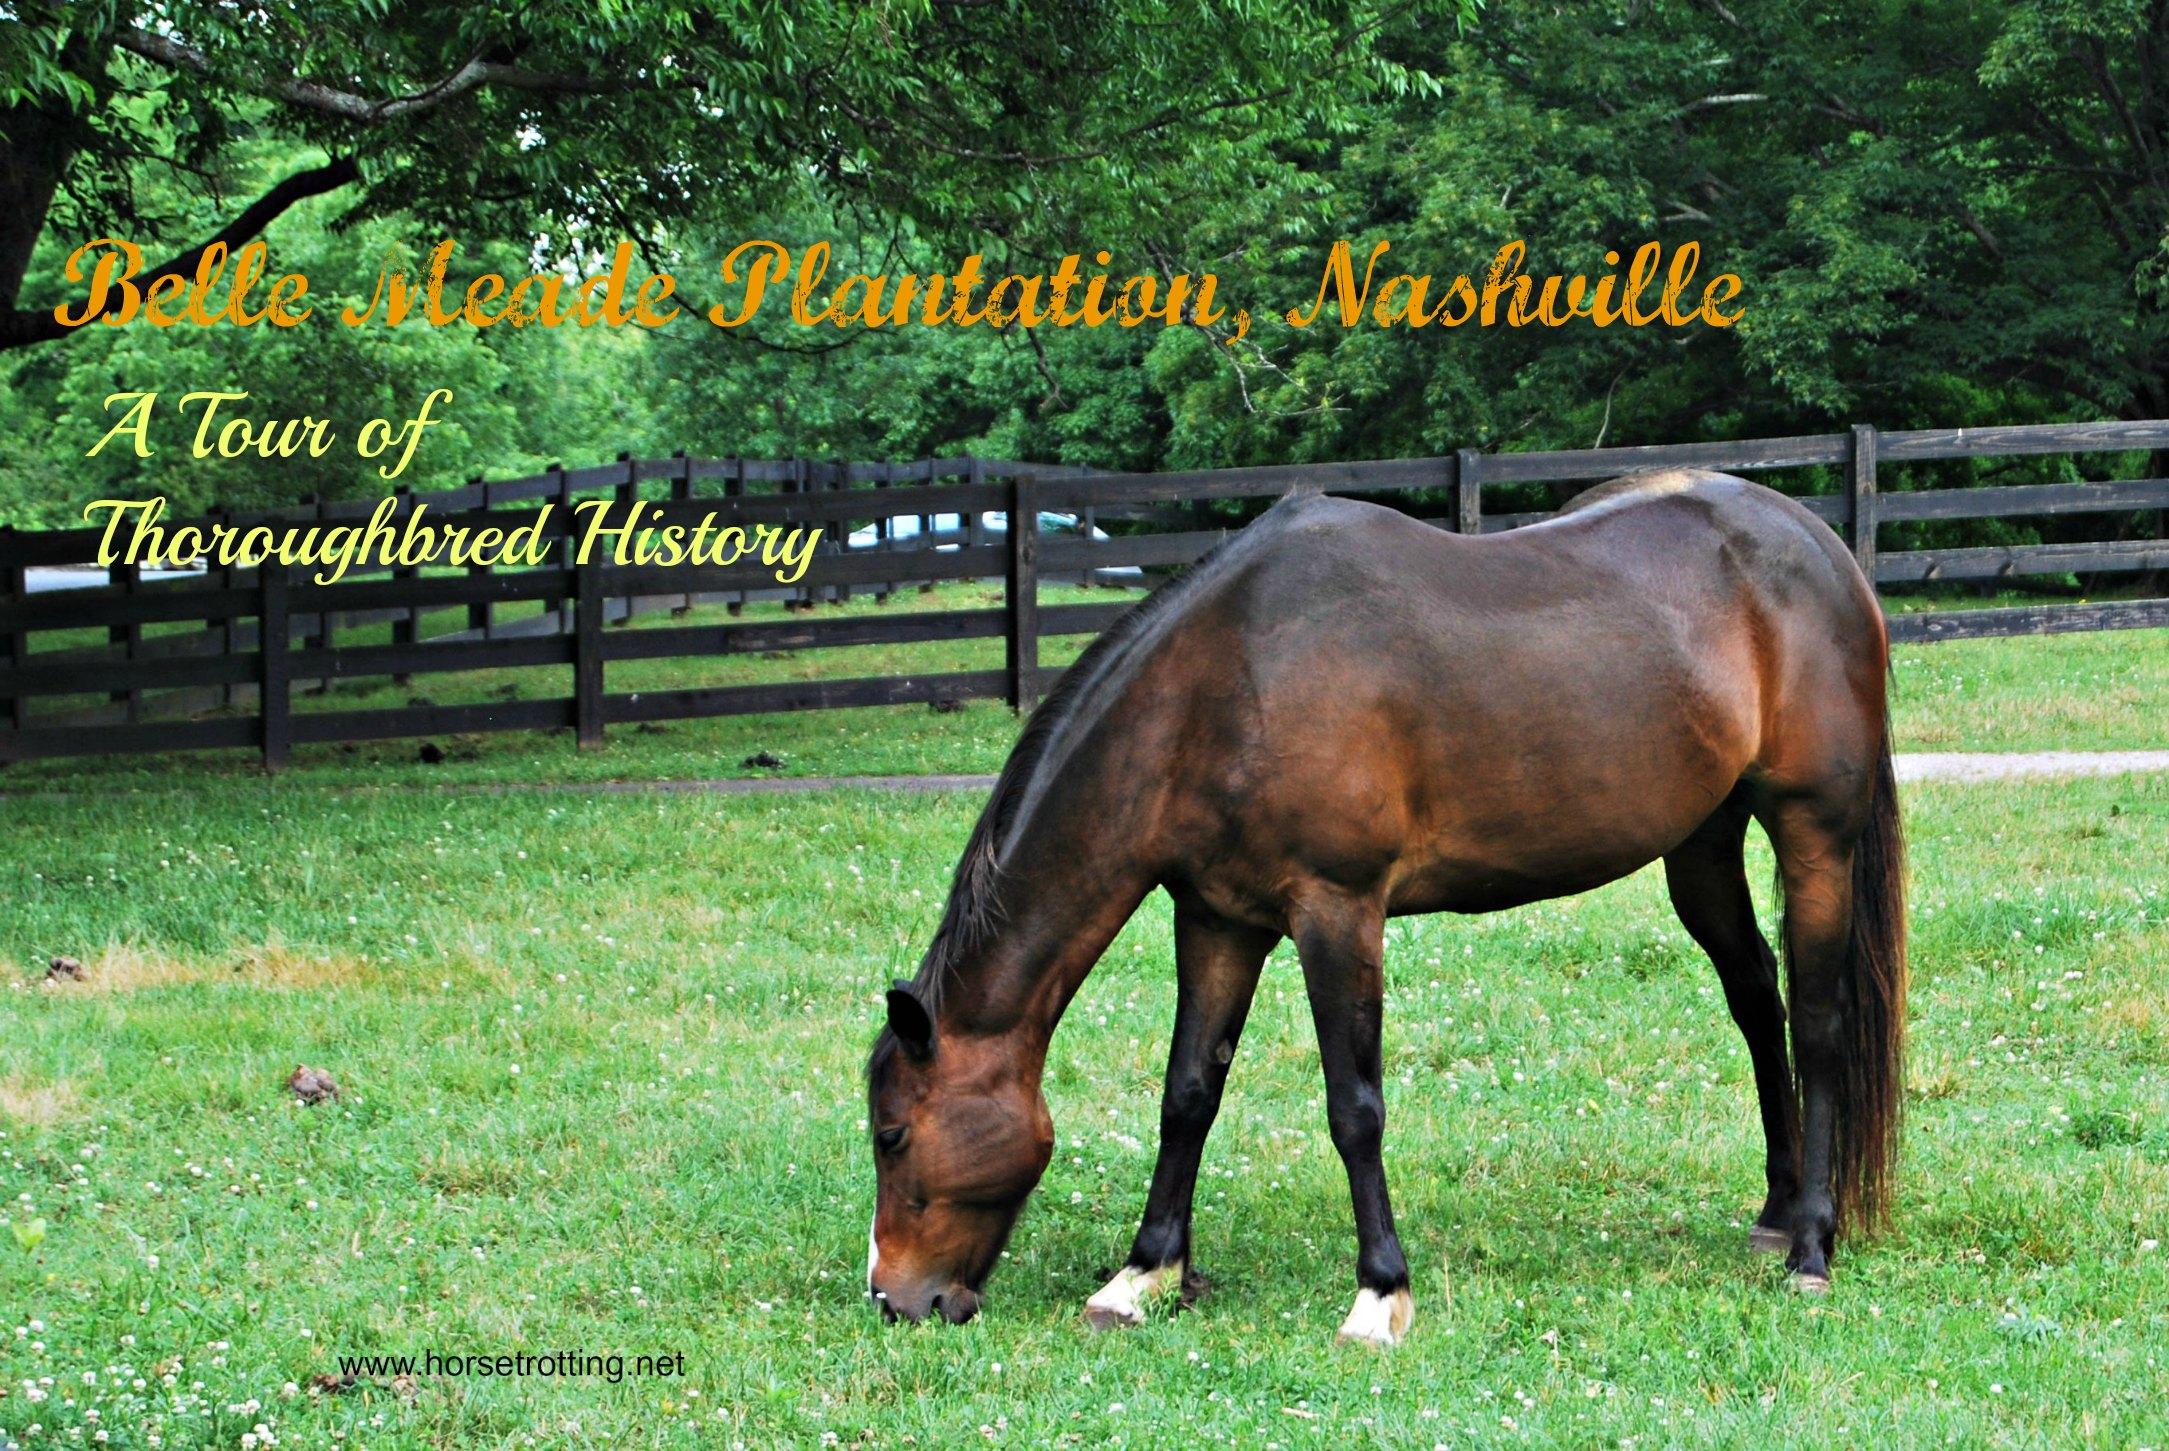 Travel Nashville, TN: Belle Meade; Belle Mare